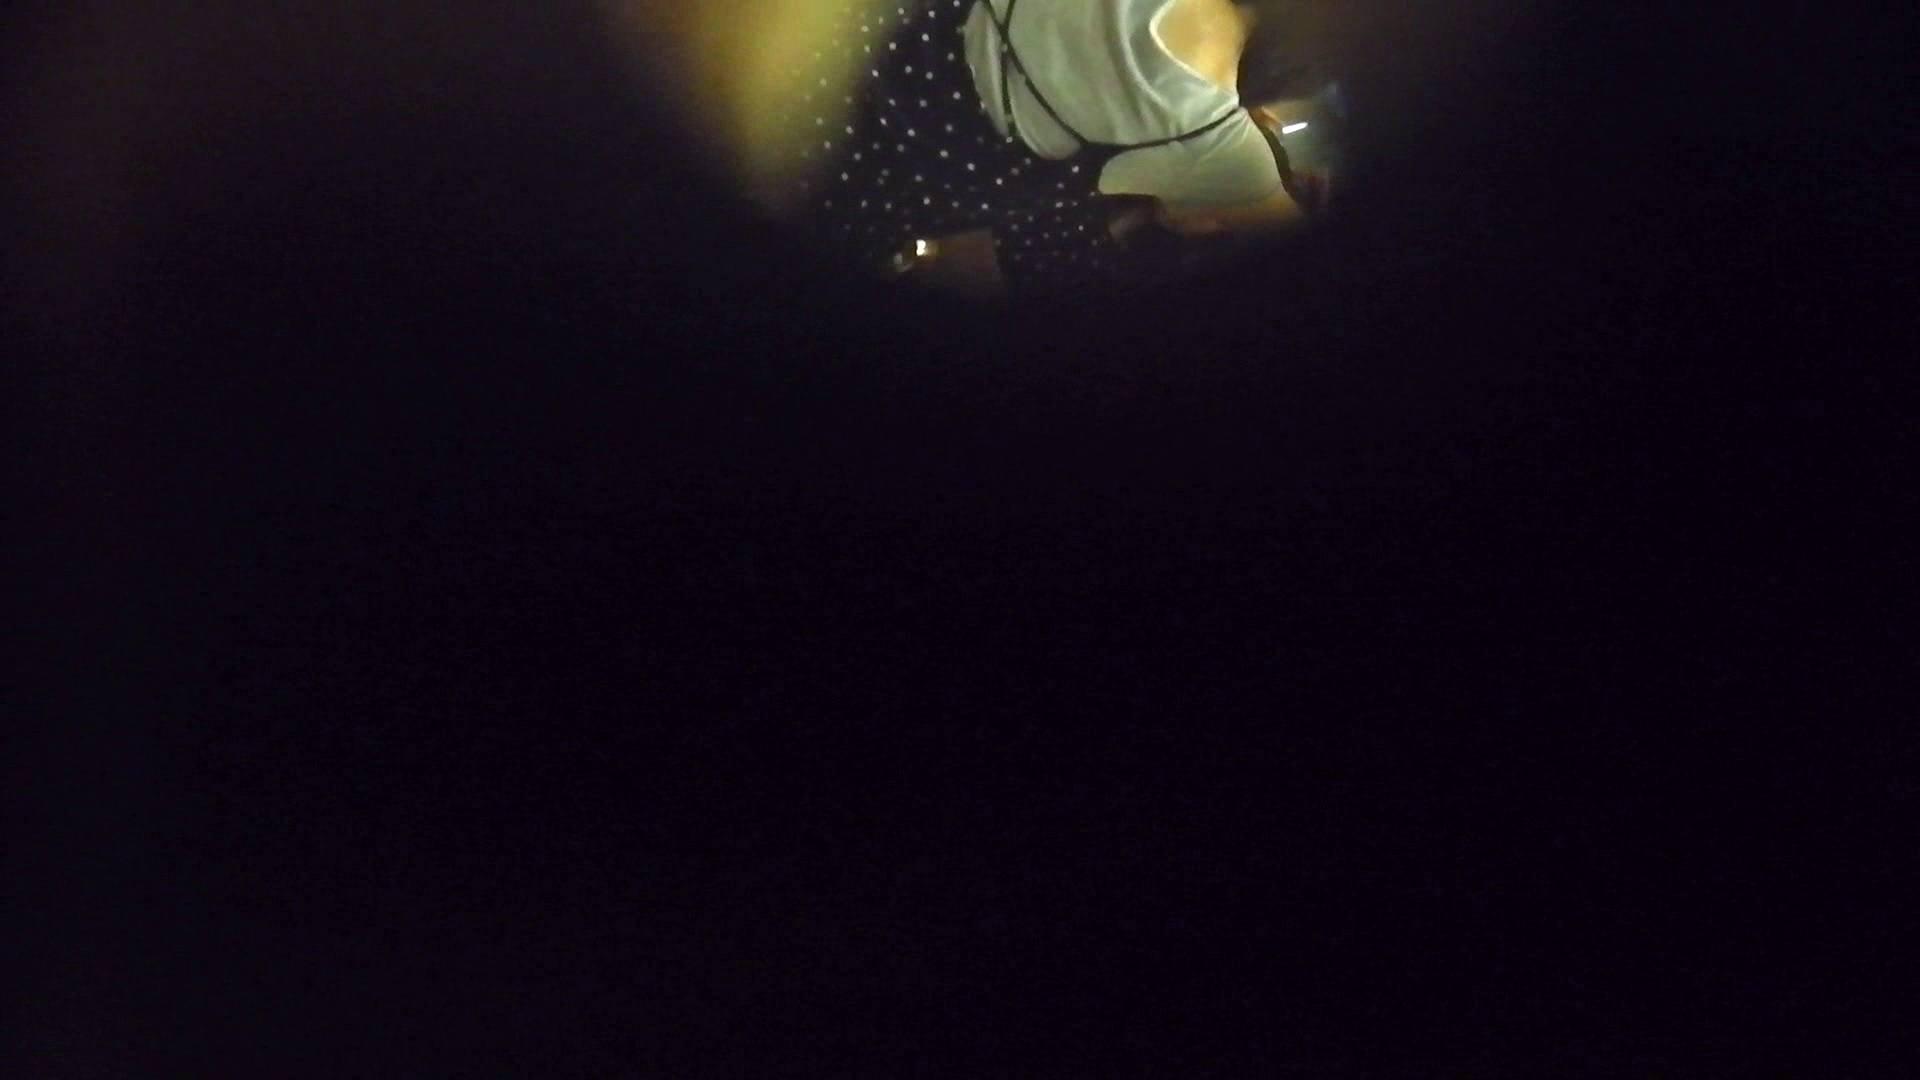 阿国ちゃんの「和式洋式七変化」No.4 和式・女子用 盗撮 31画像 18